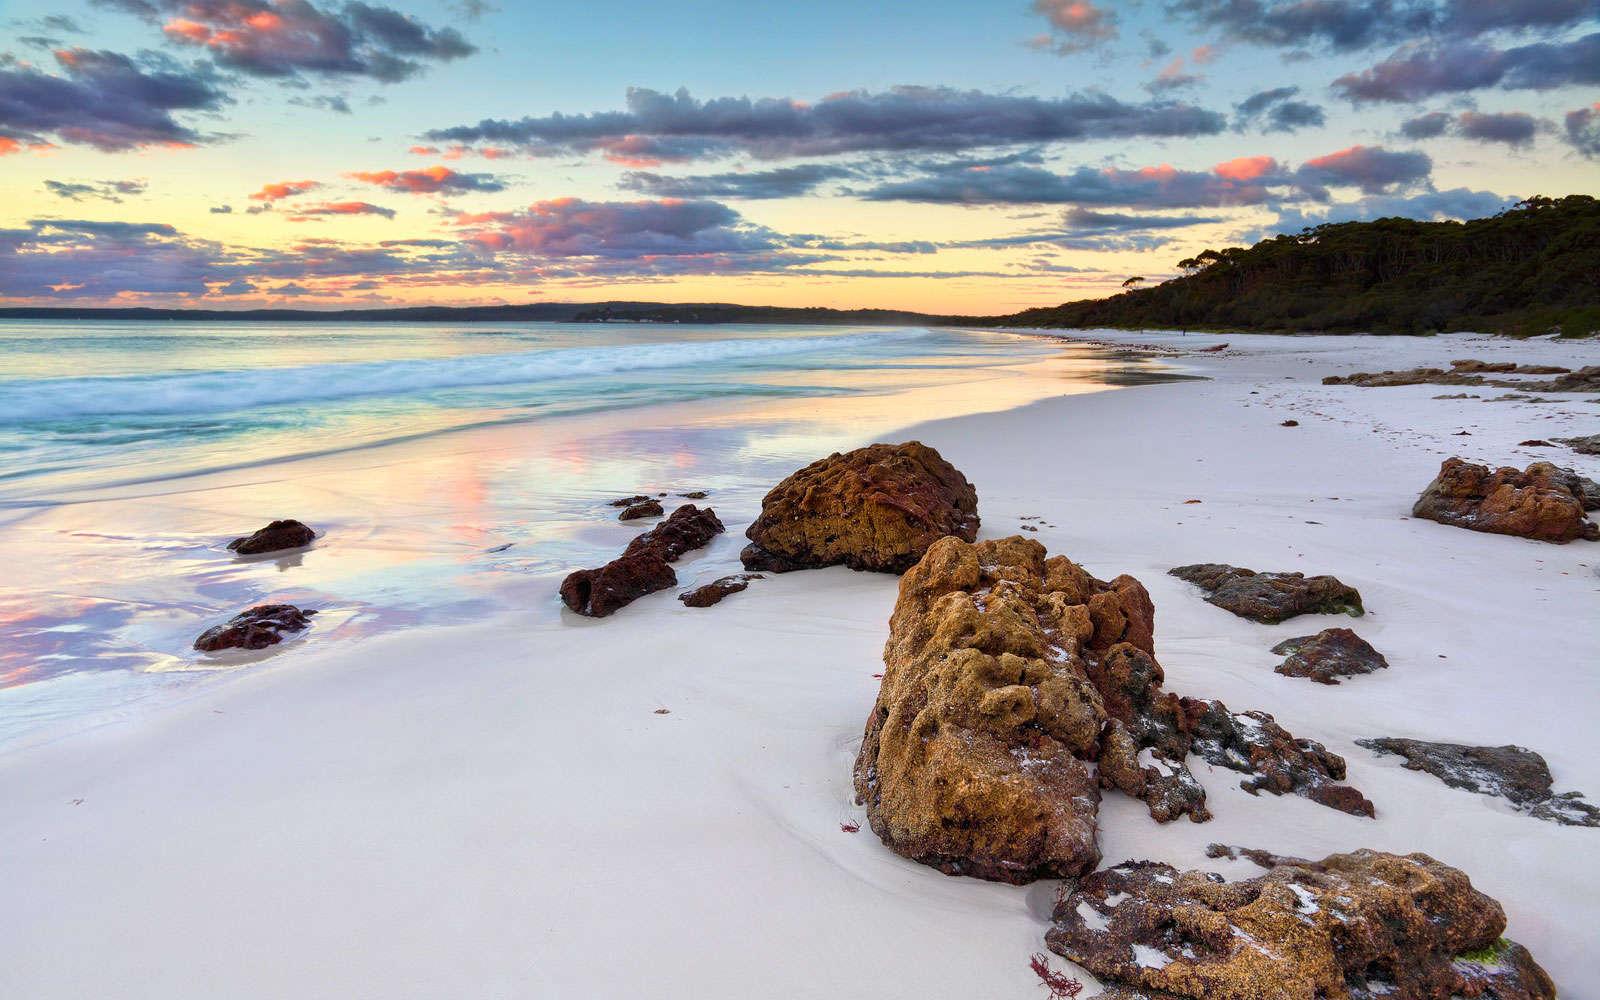 Bãi biển Hyams Beach Australia có bãi cát trắng nhất thế giới